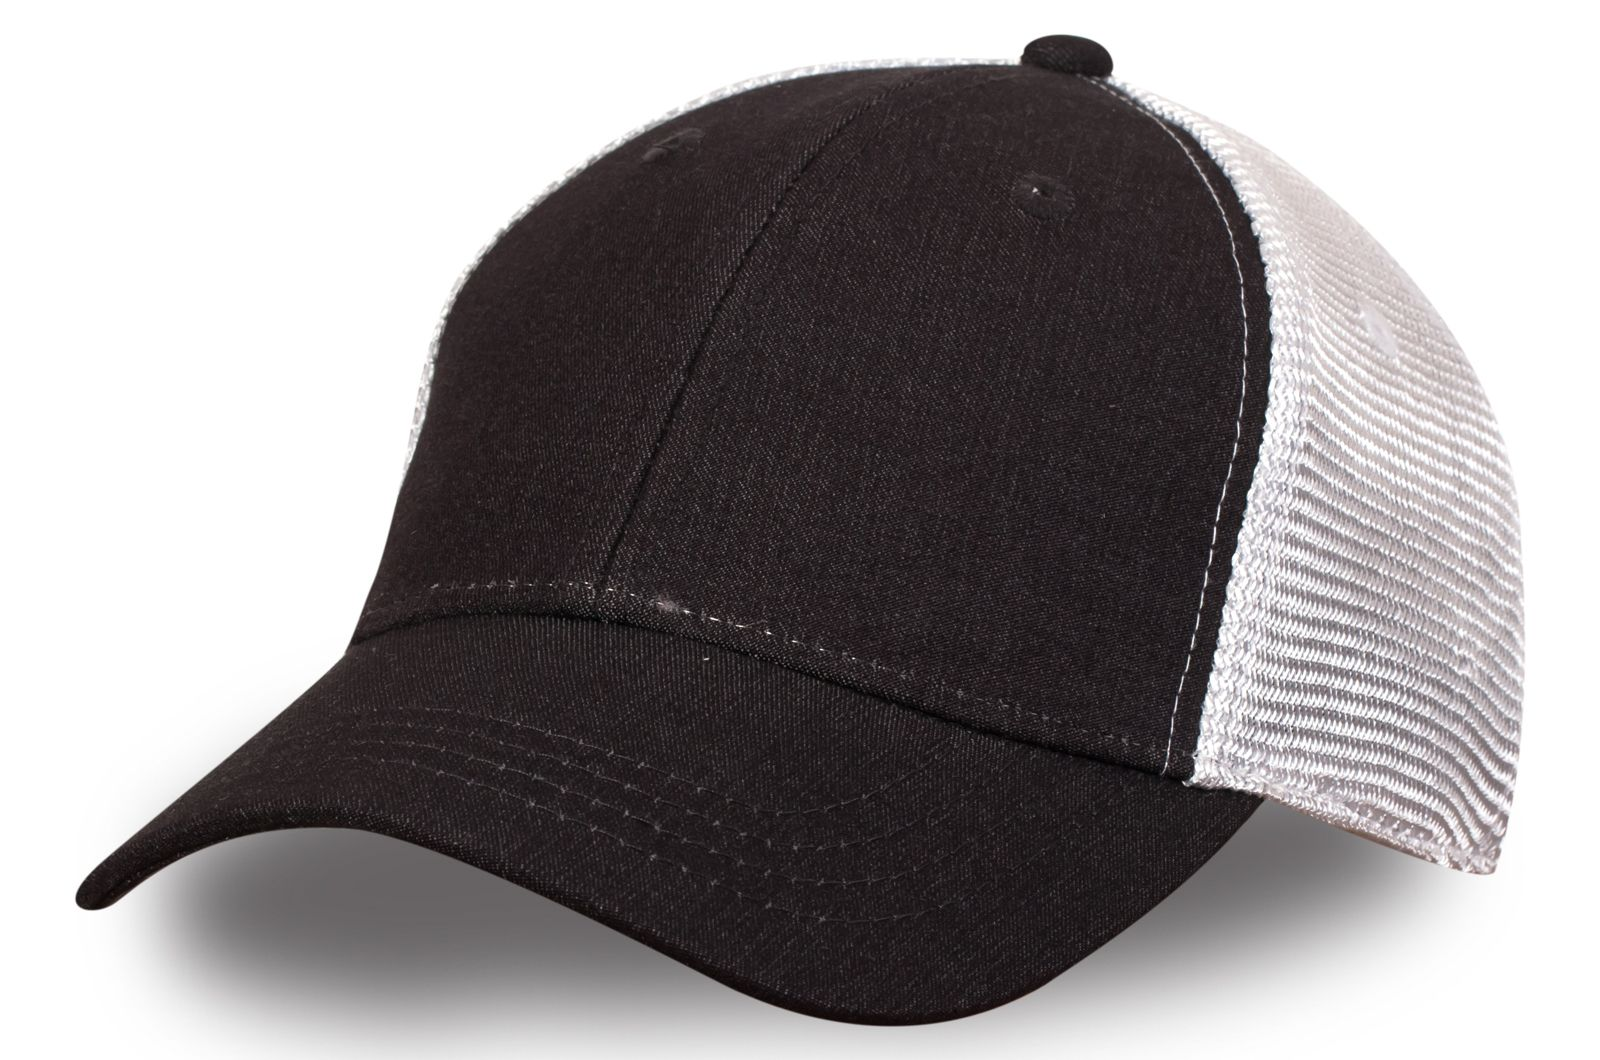 Чёрная бейсболка с белой сеткой - купить по низкой цене